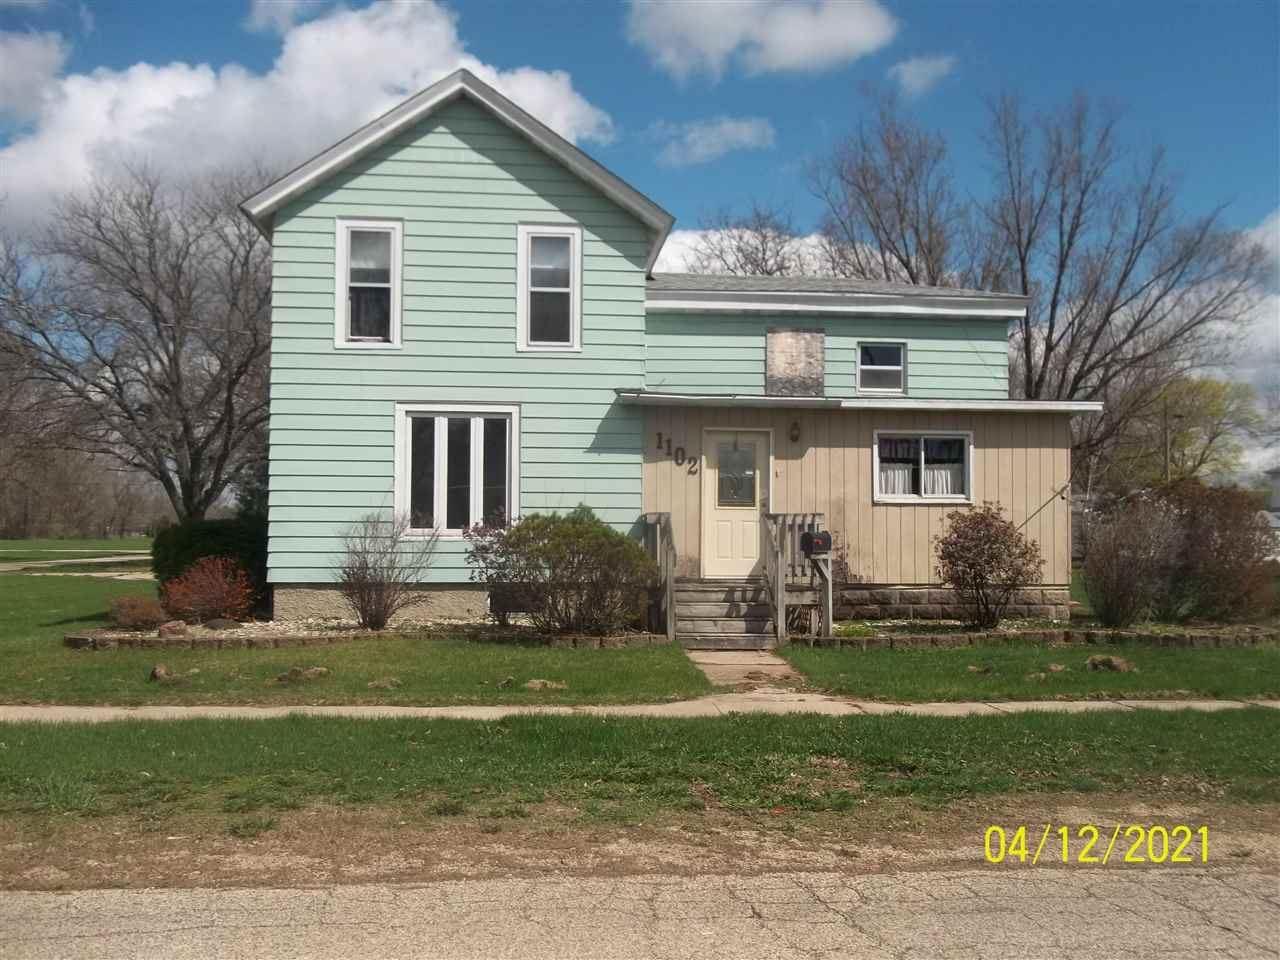 1102 E 5th Ave, Brodhead, WI 53520 - #: 1910388